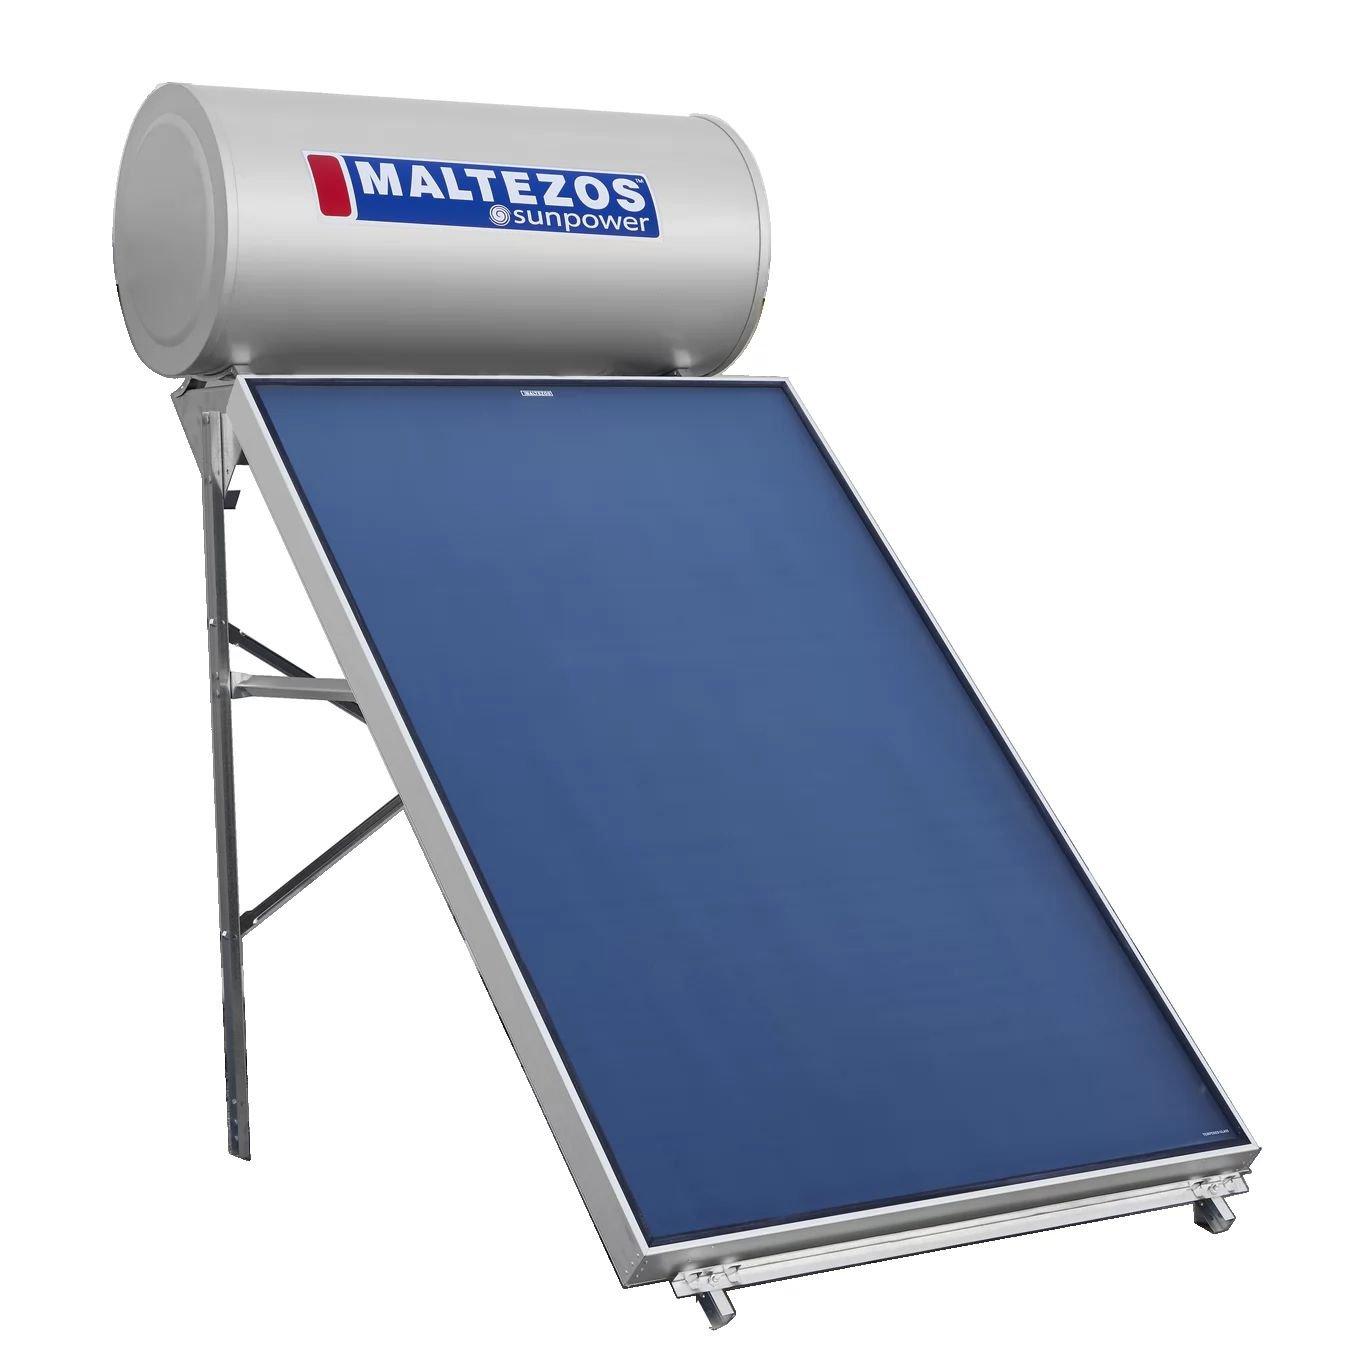 Ηλιακος Θερμοσιφωνας Maltezos Glass Sunpower EM 200Lt /2Ε/  SAC 130 x 200